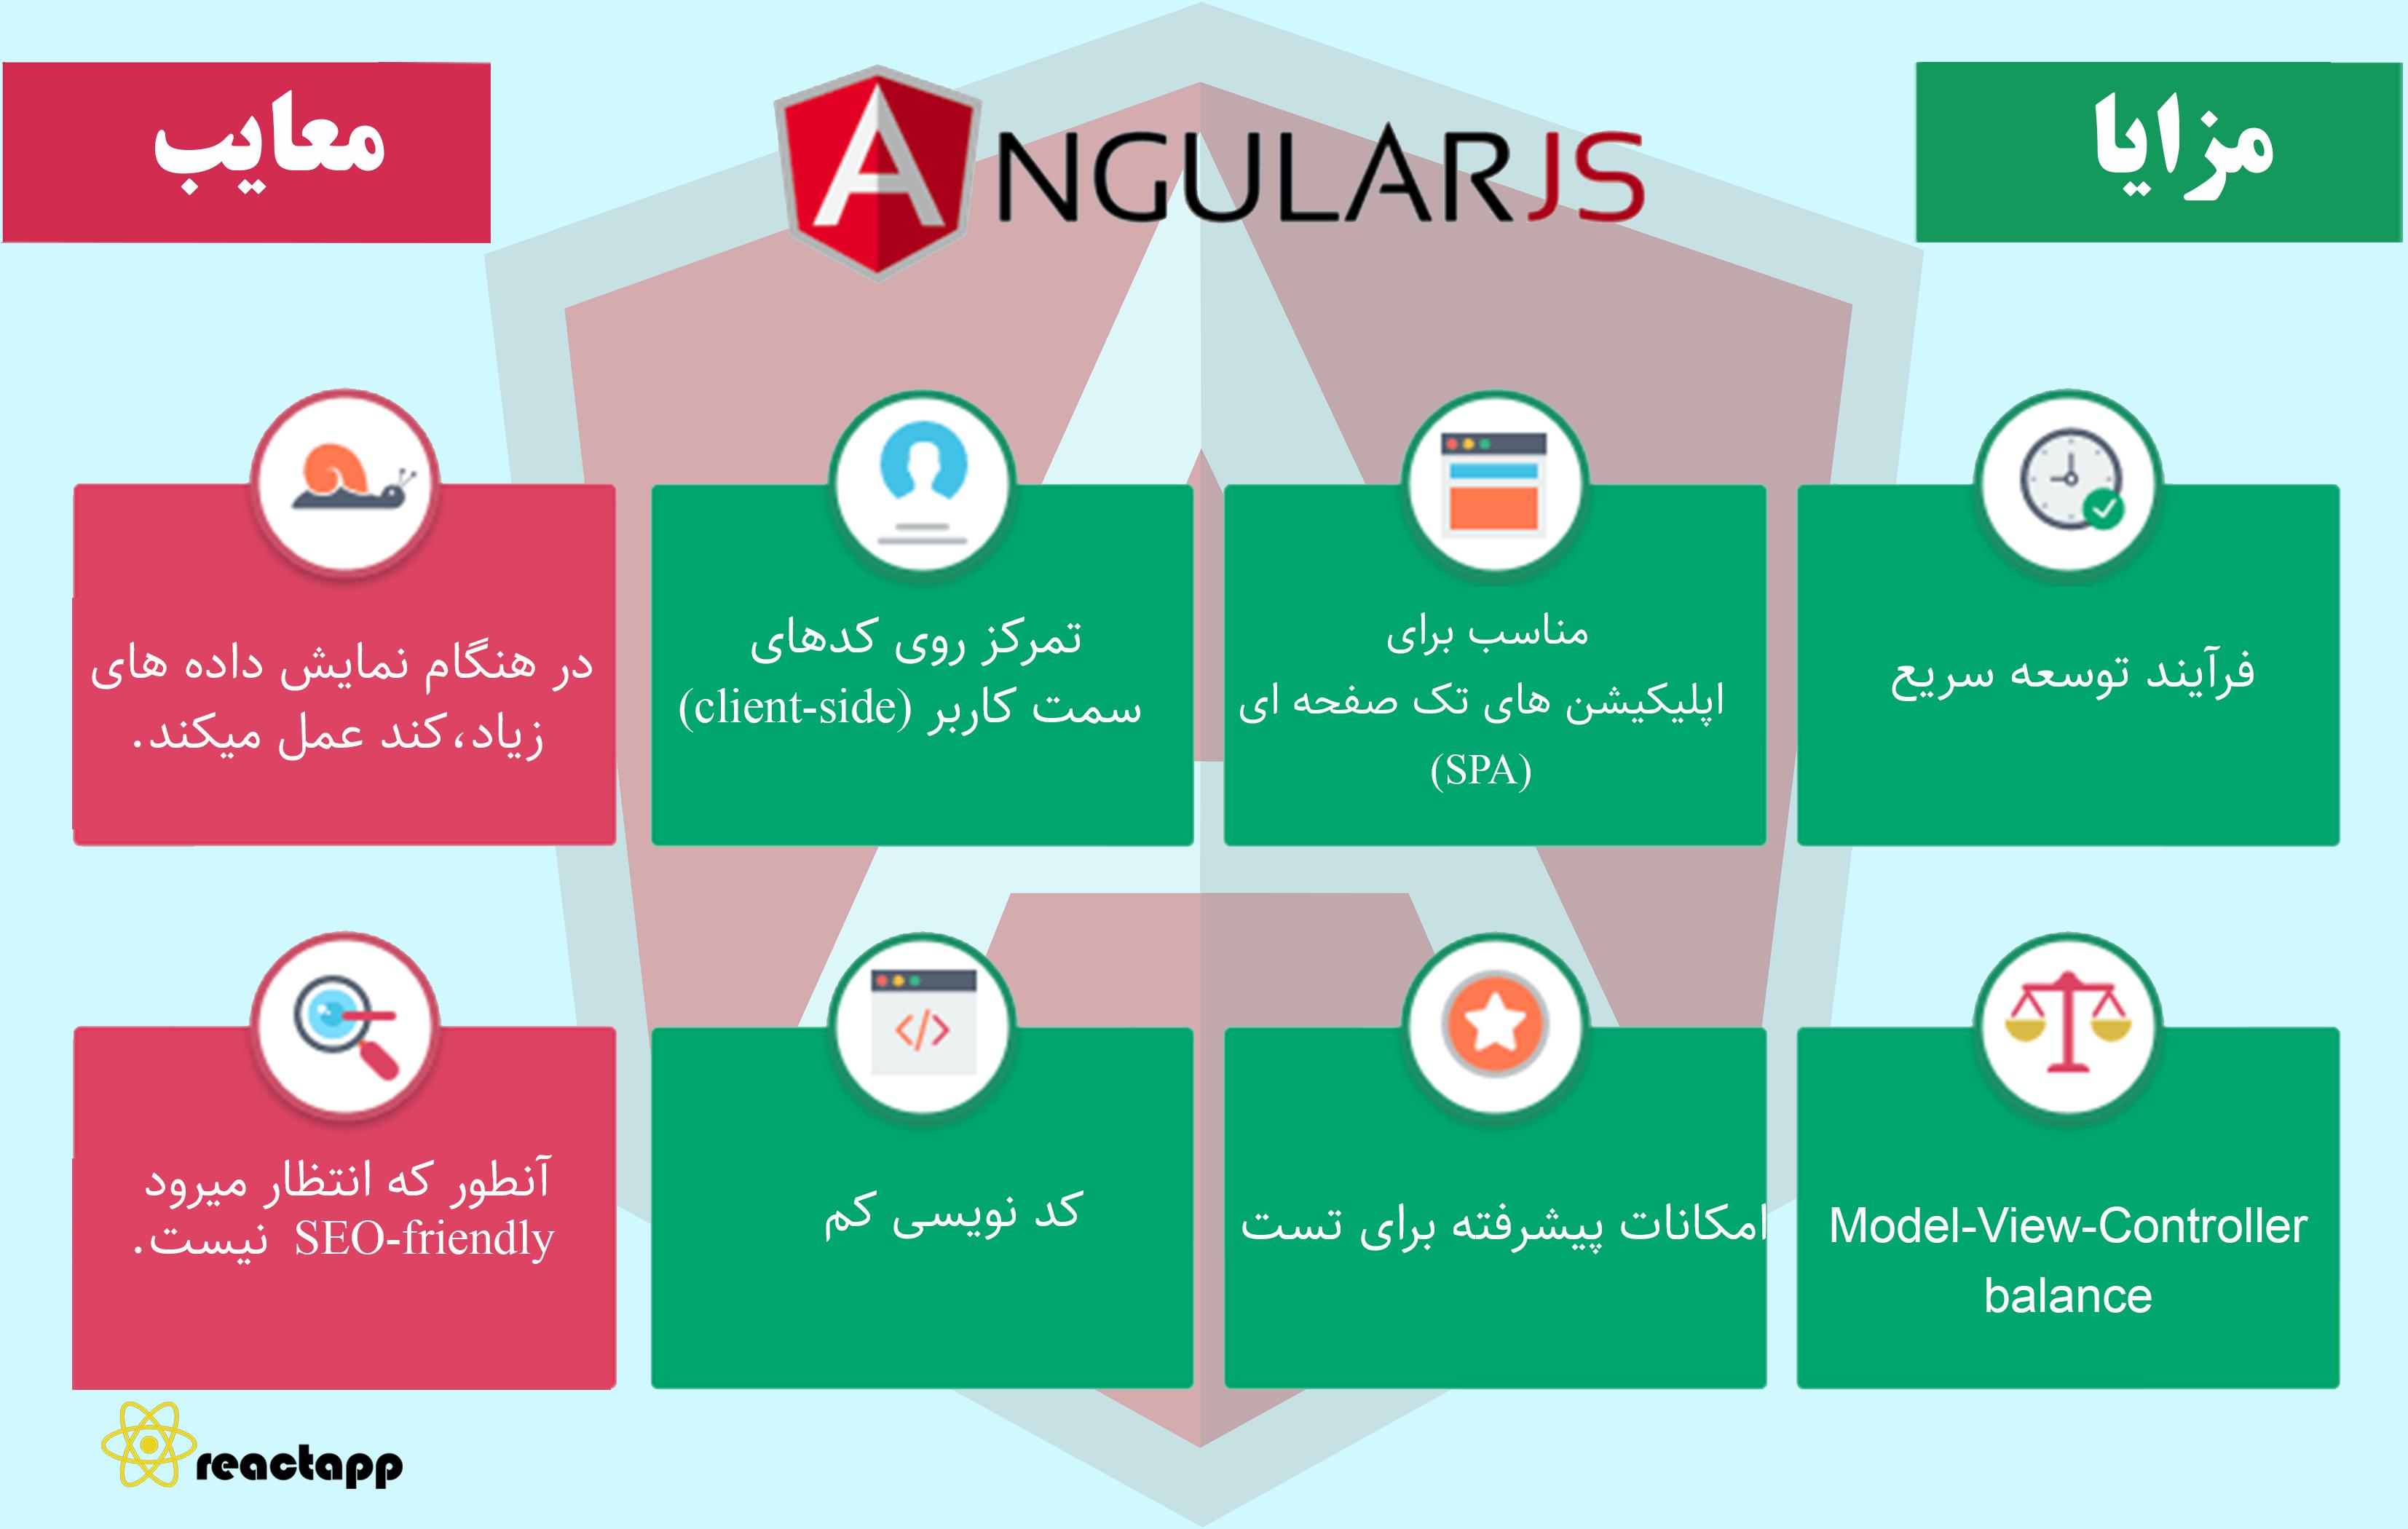 مزایا و معایب angular